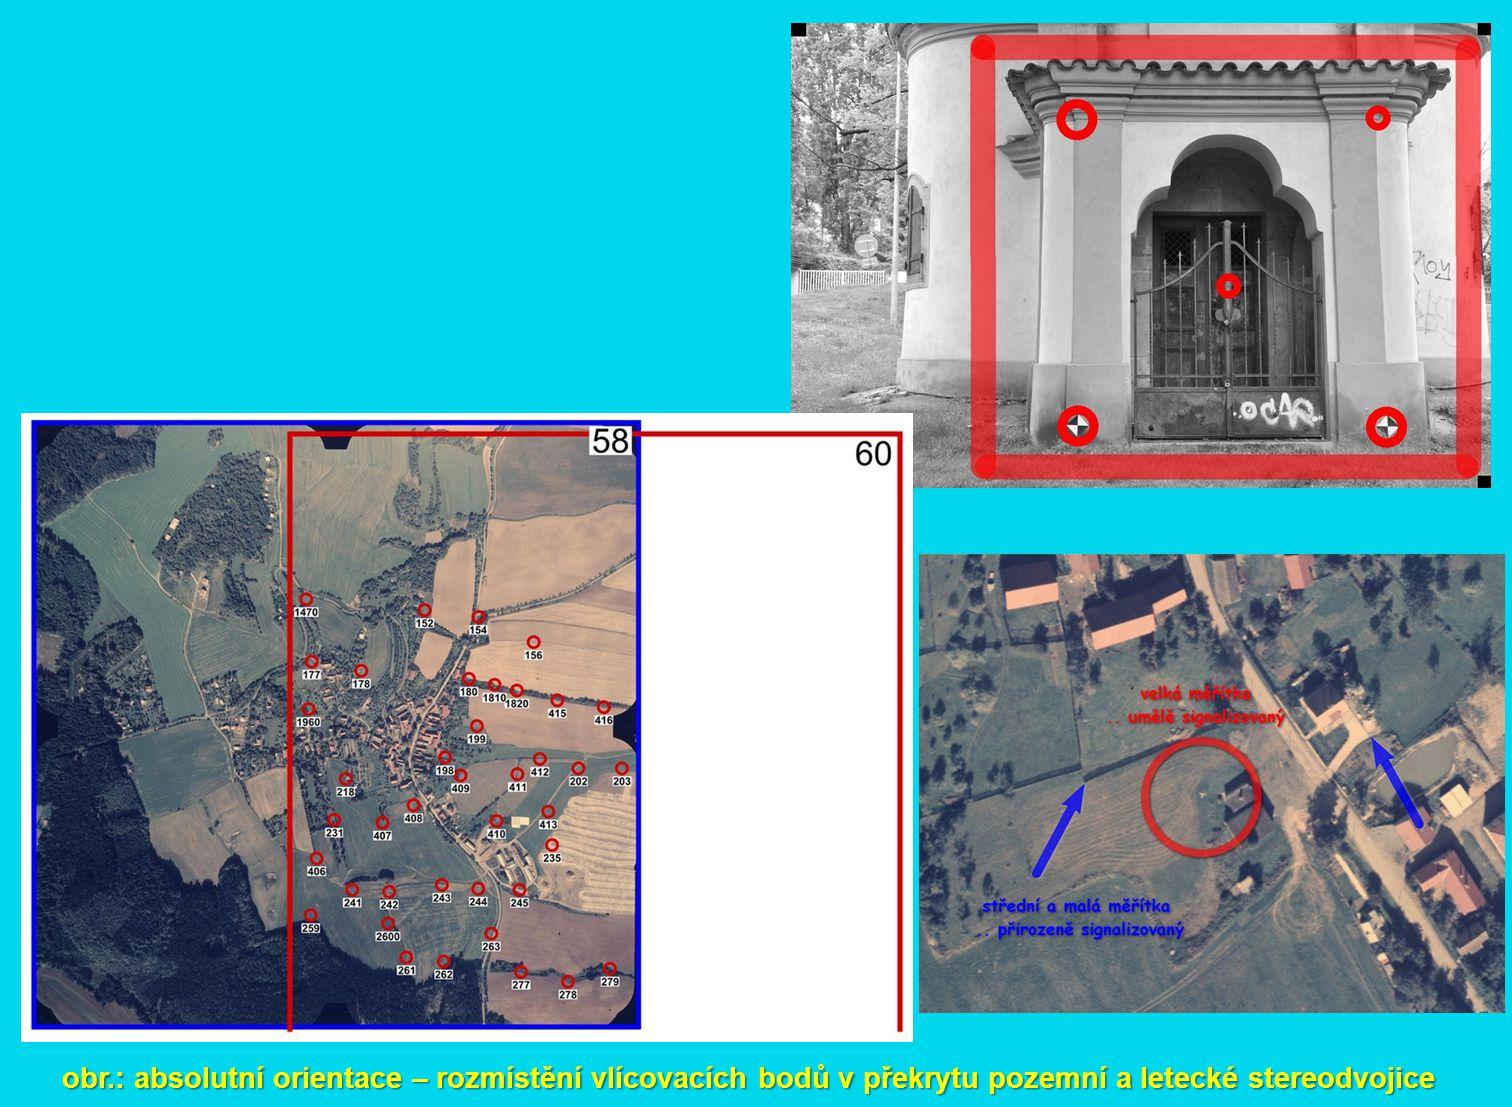 obr.: absolutní orientace – rozmístění vlícovacích bodů v překrytu pozemní a letecké stereodvojice